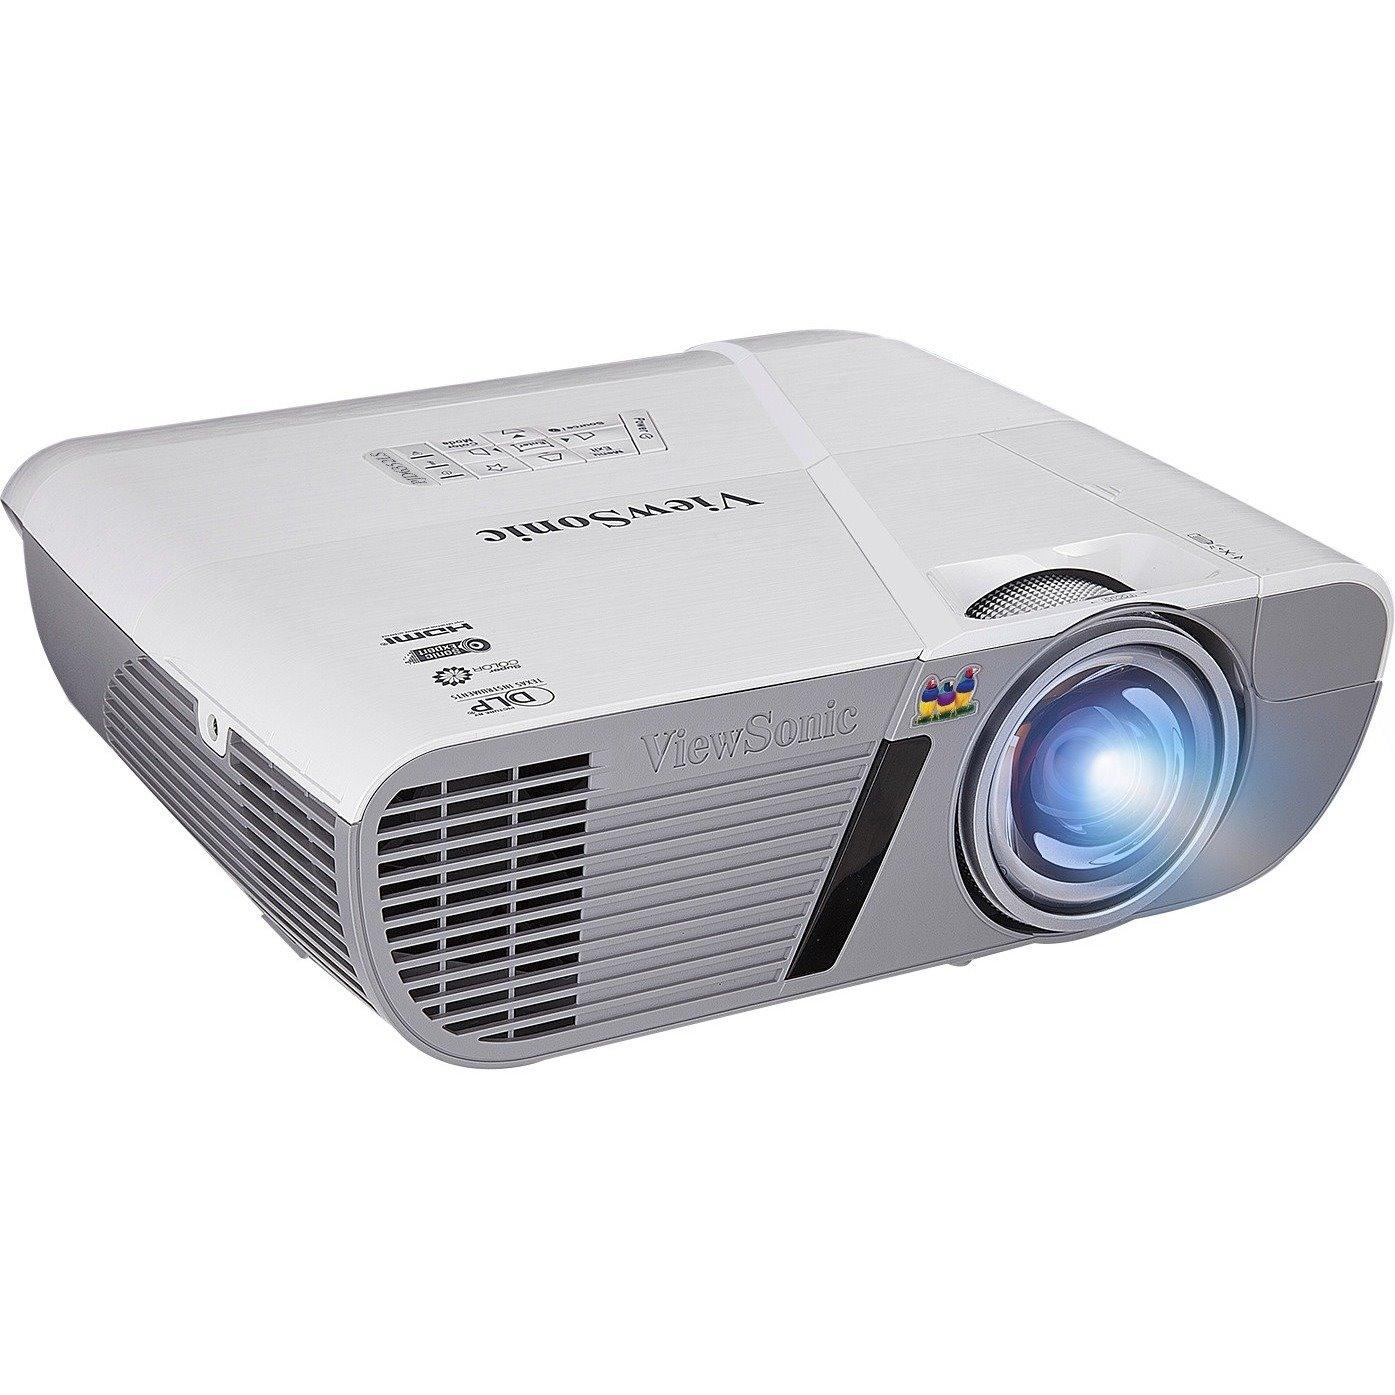 Viewsonic LightStream PJD6552Lws 3D Ready Short Throw DLP Projector - 720p - HDTV - 16:10